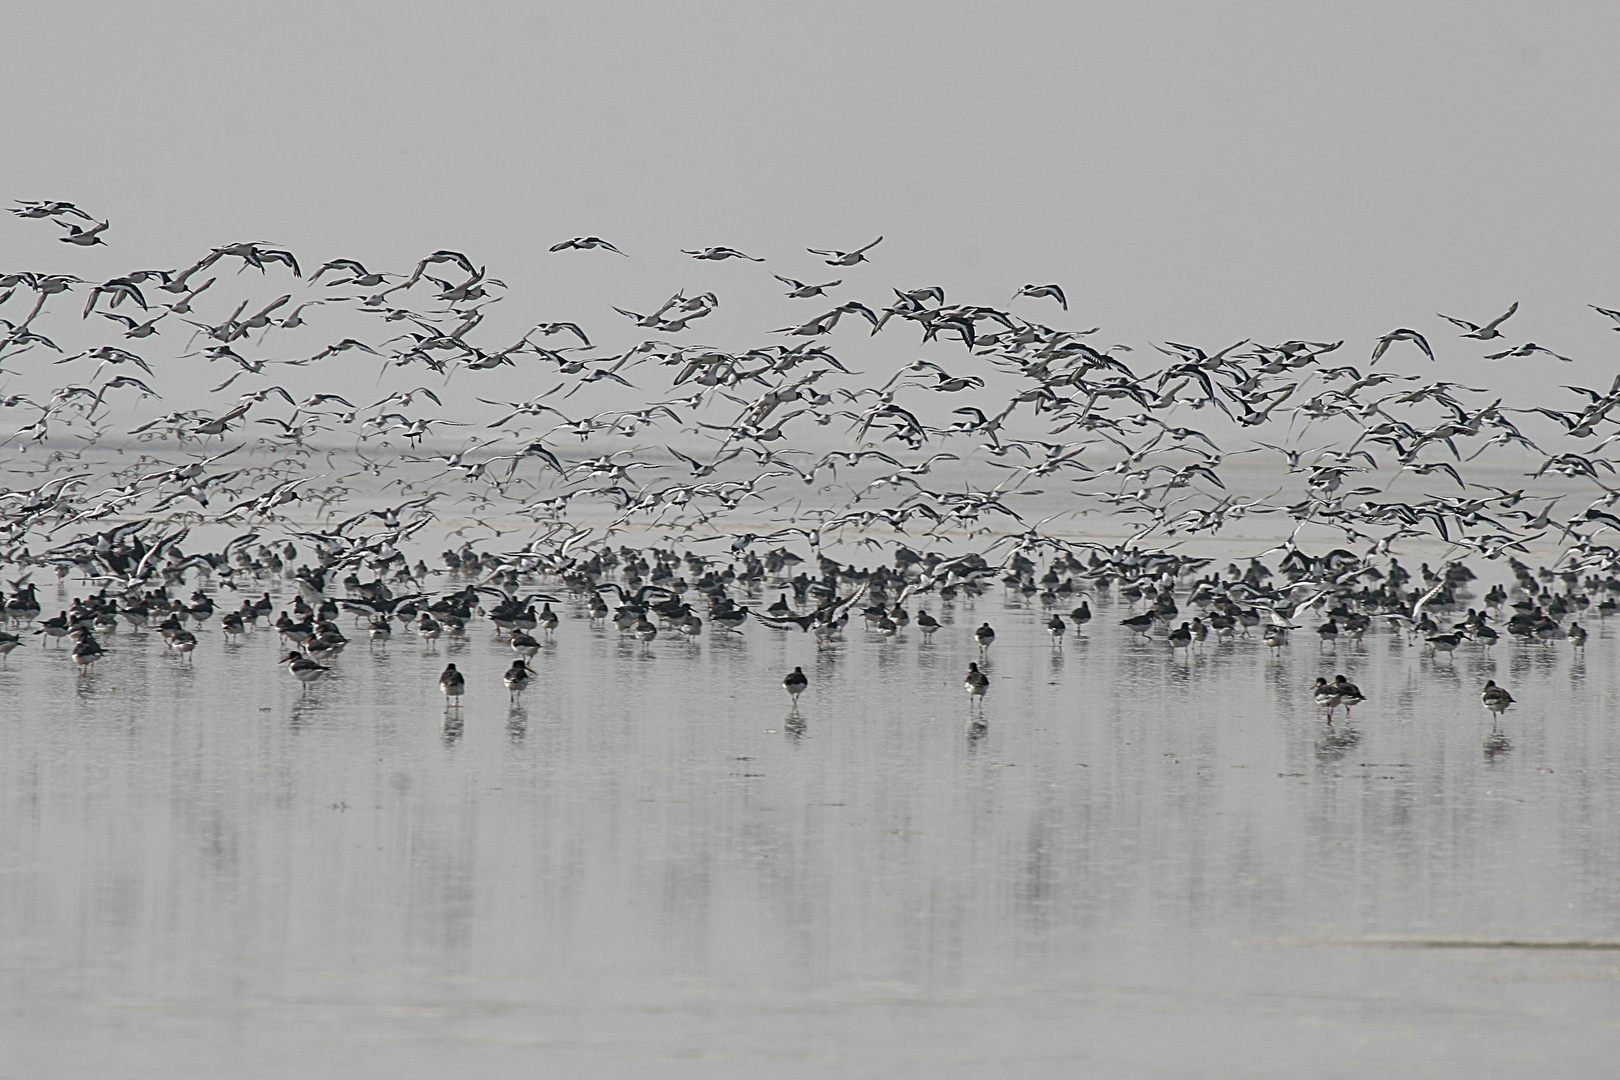 Die Vögel...